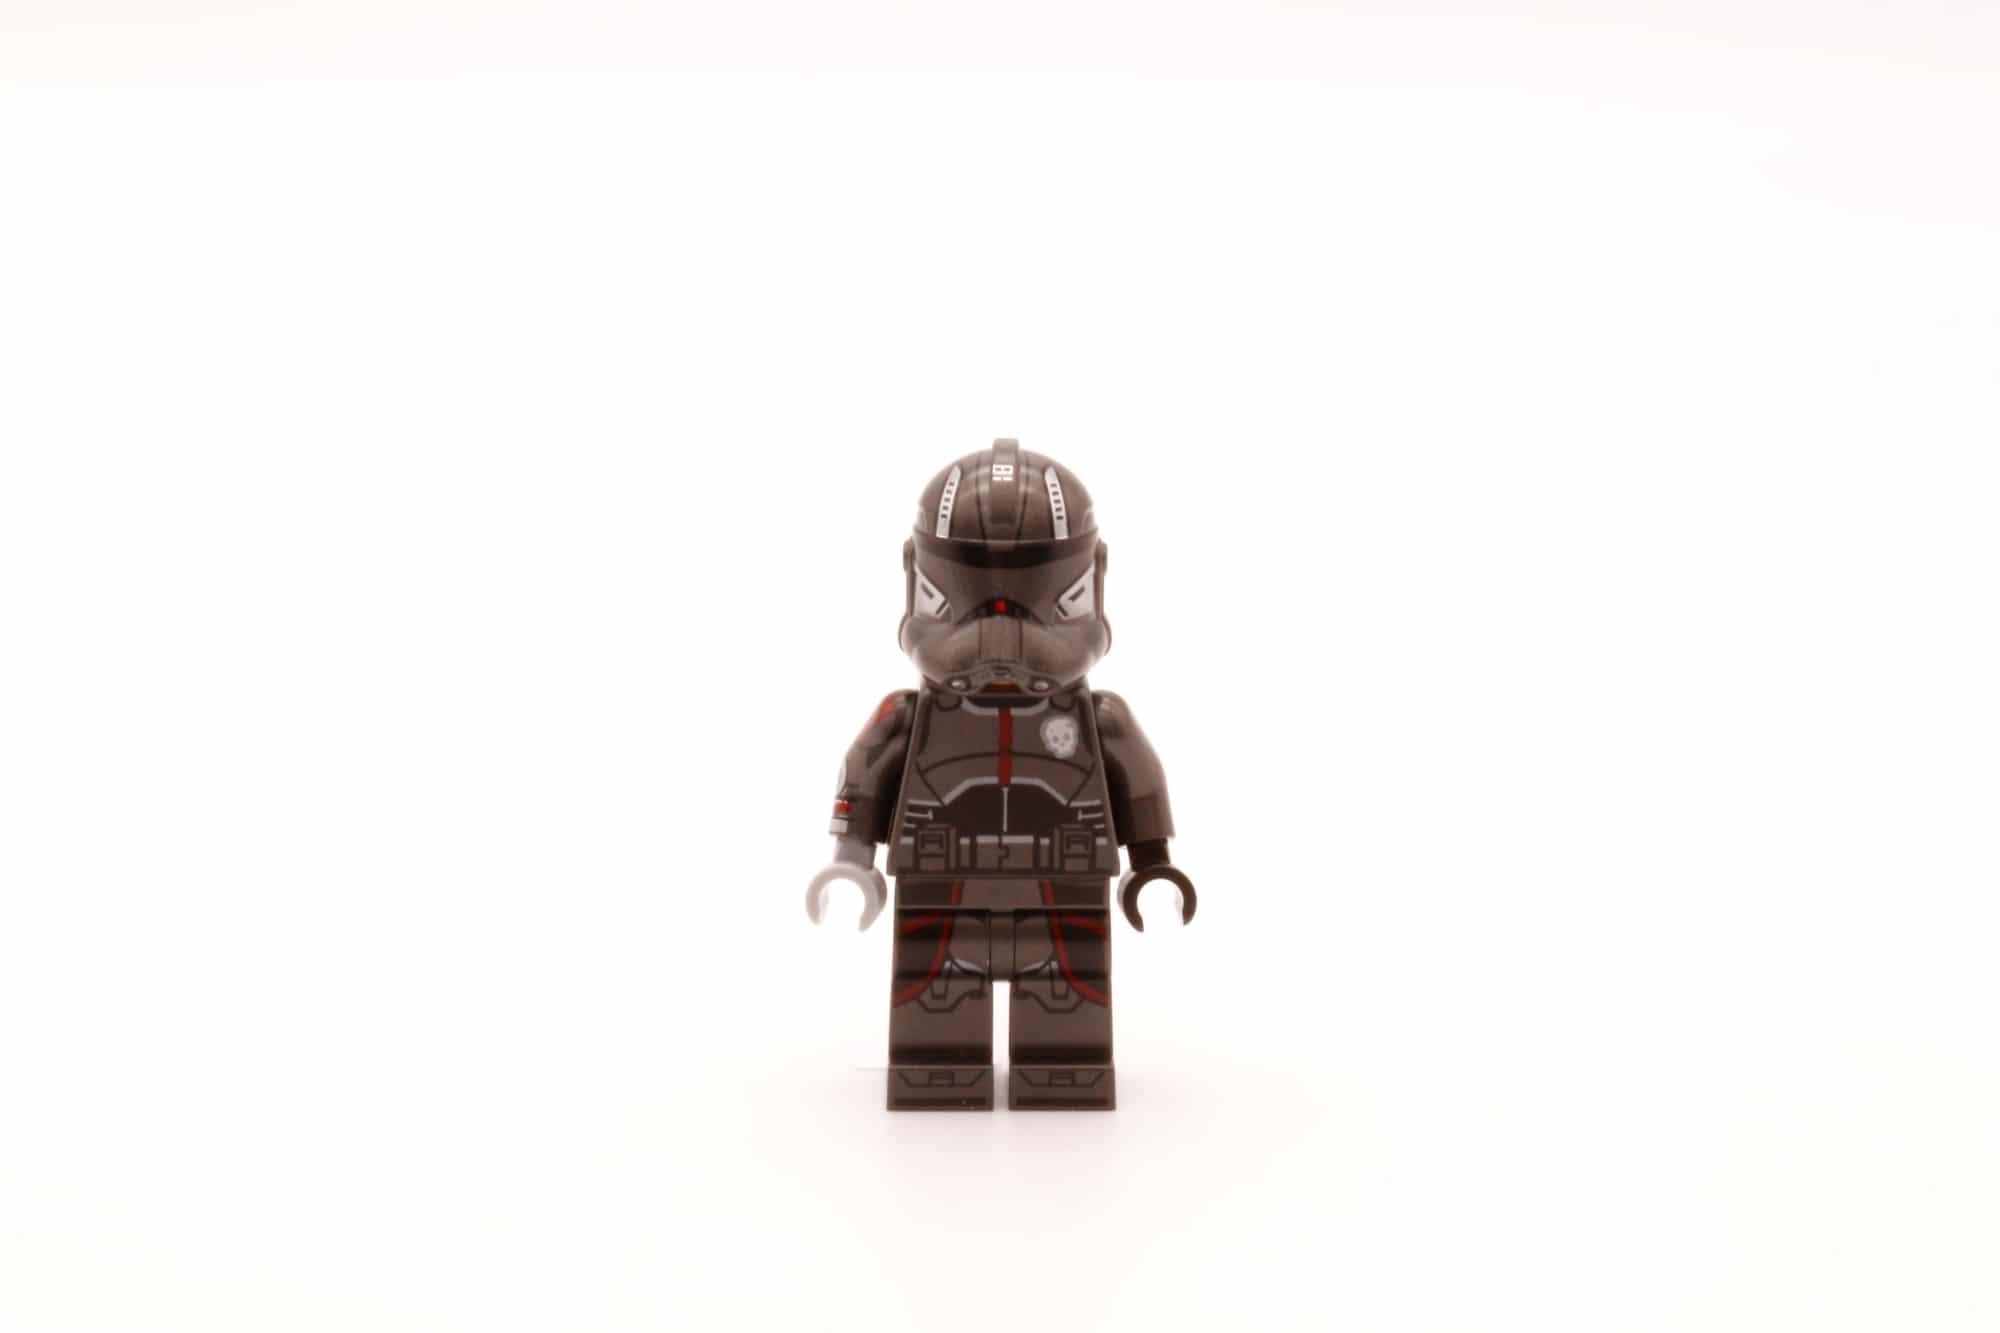 LEGO Star Wars 75314 The Bad Batch Attack Shuttle Echo Helm